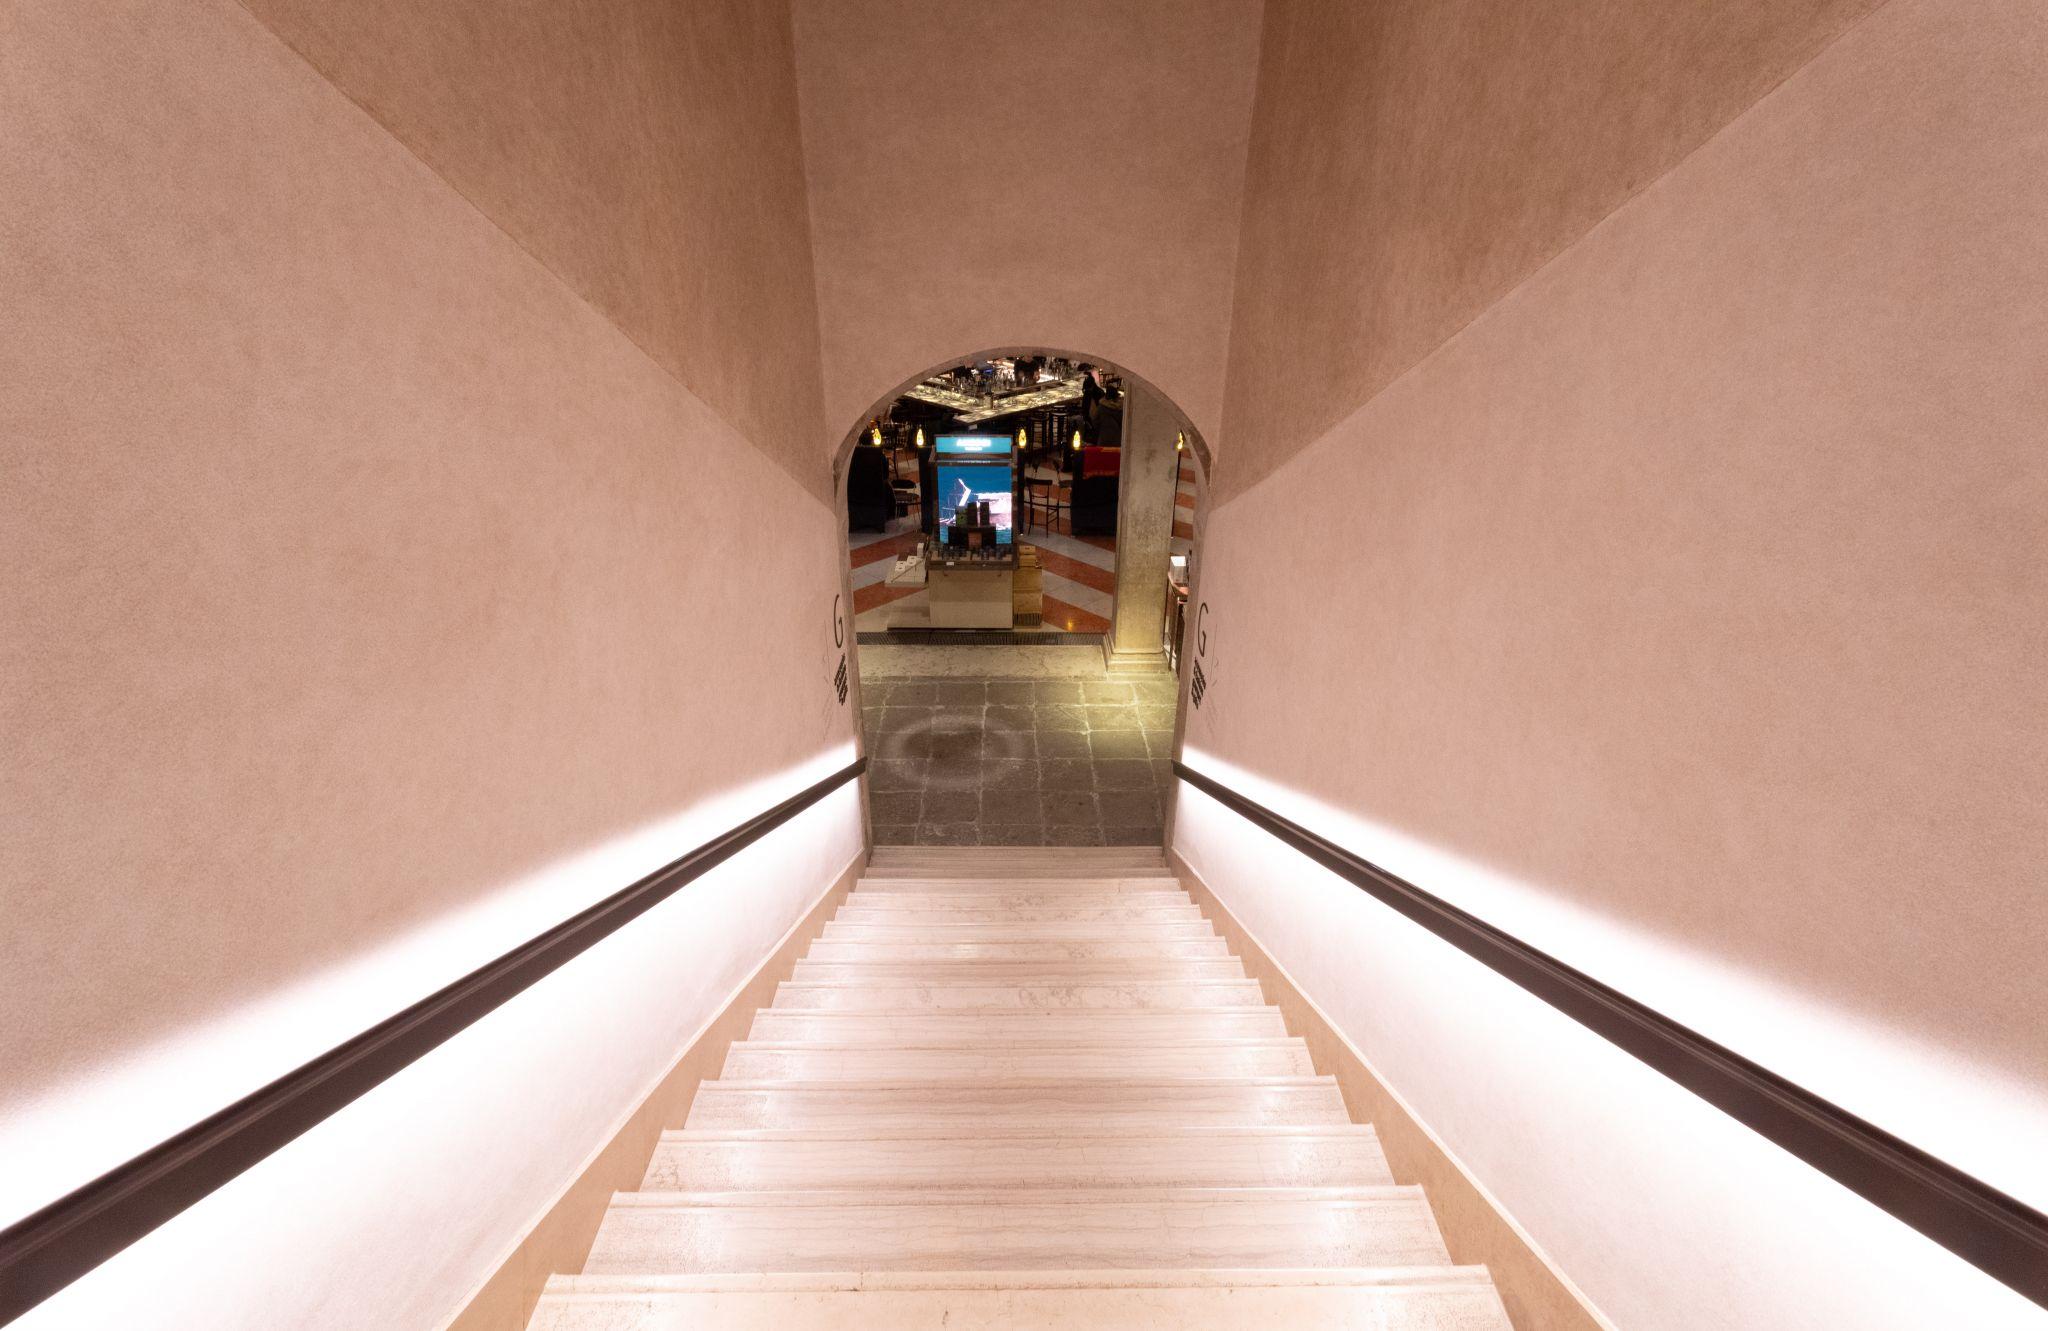 Treppenhaus im Fondaco dei Tedeschi in Venedig, Italy